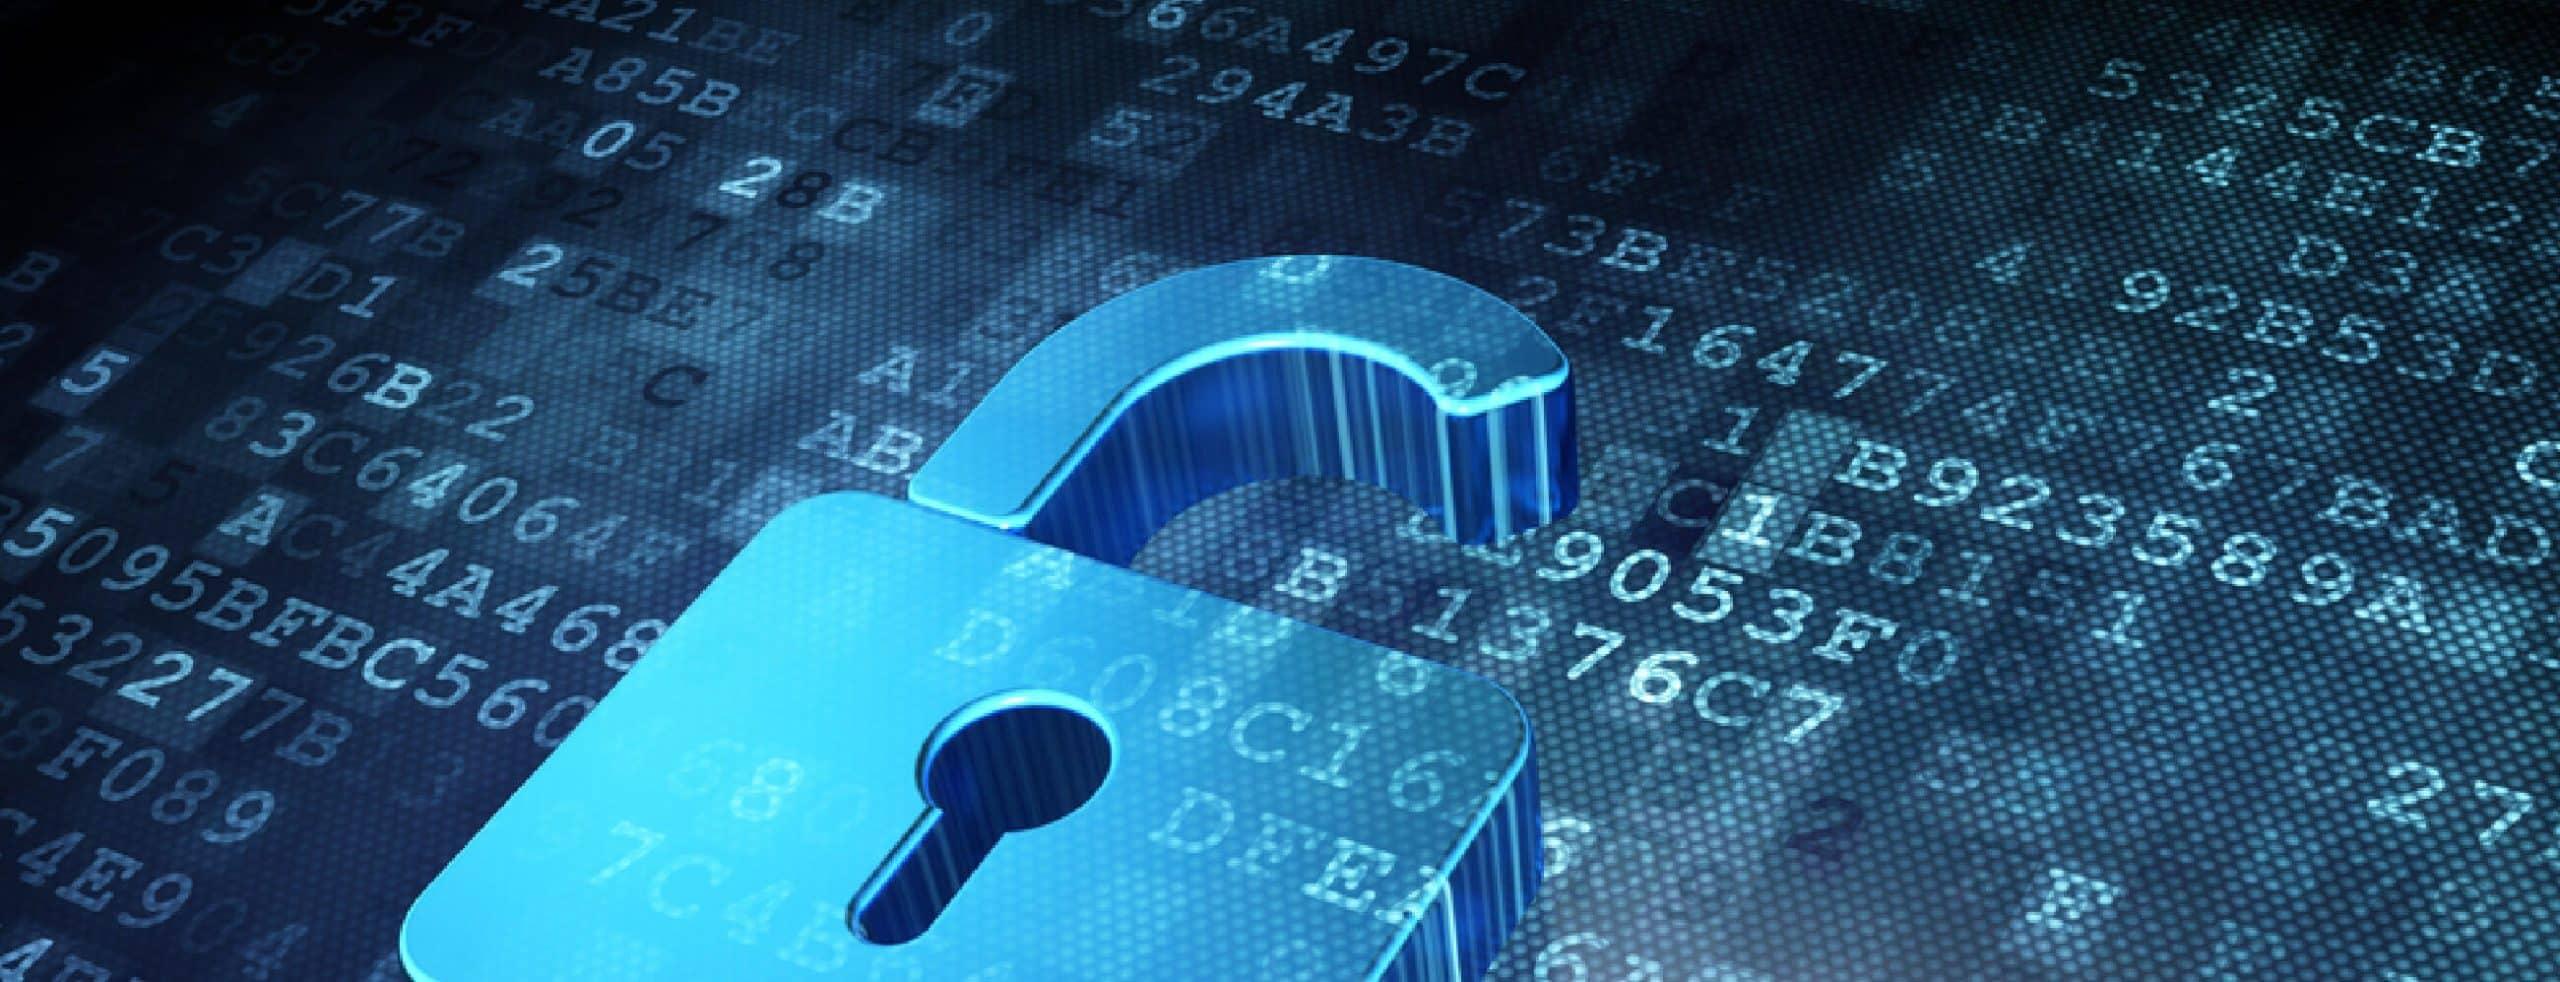 Les bons outils pour se protéger des cyberattaques en entreprise